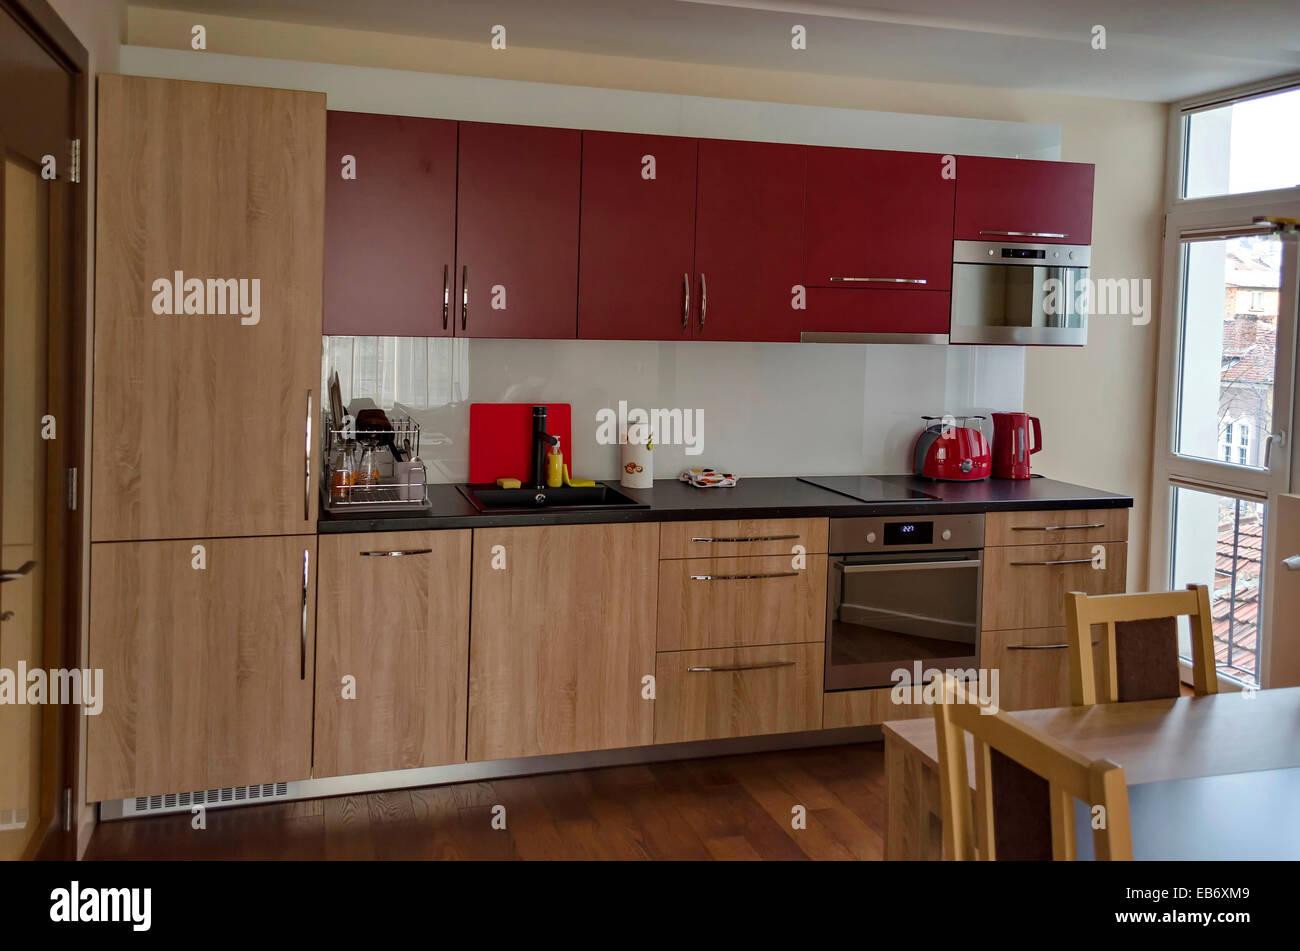 Wohnzimmer mit Küche-Website und Esstisch in renovierte Wohnung in ...